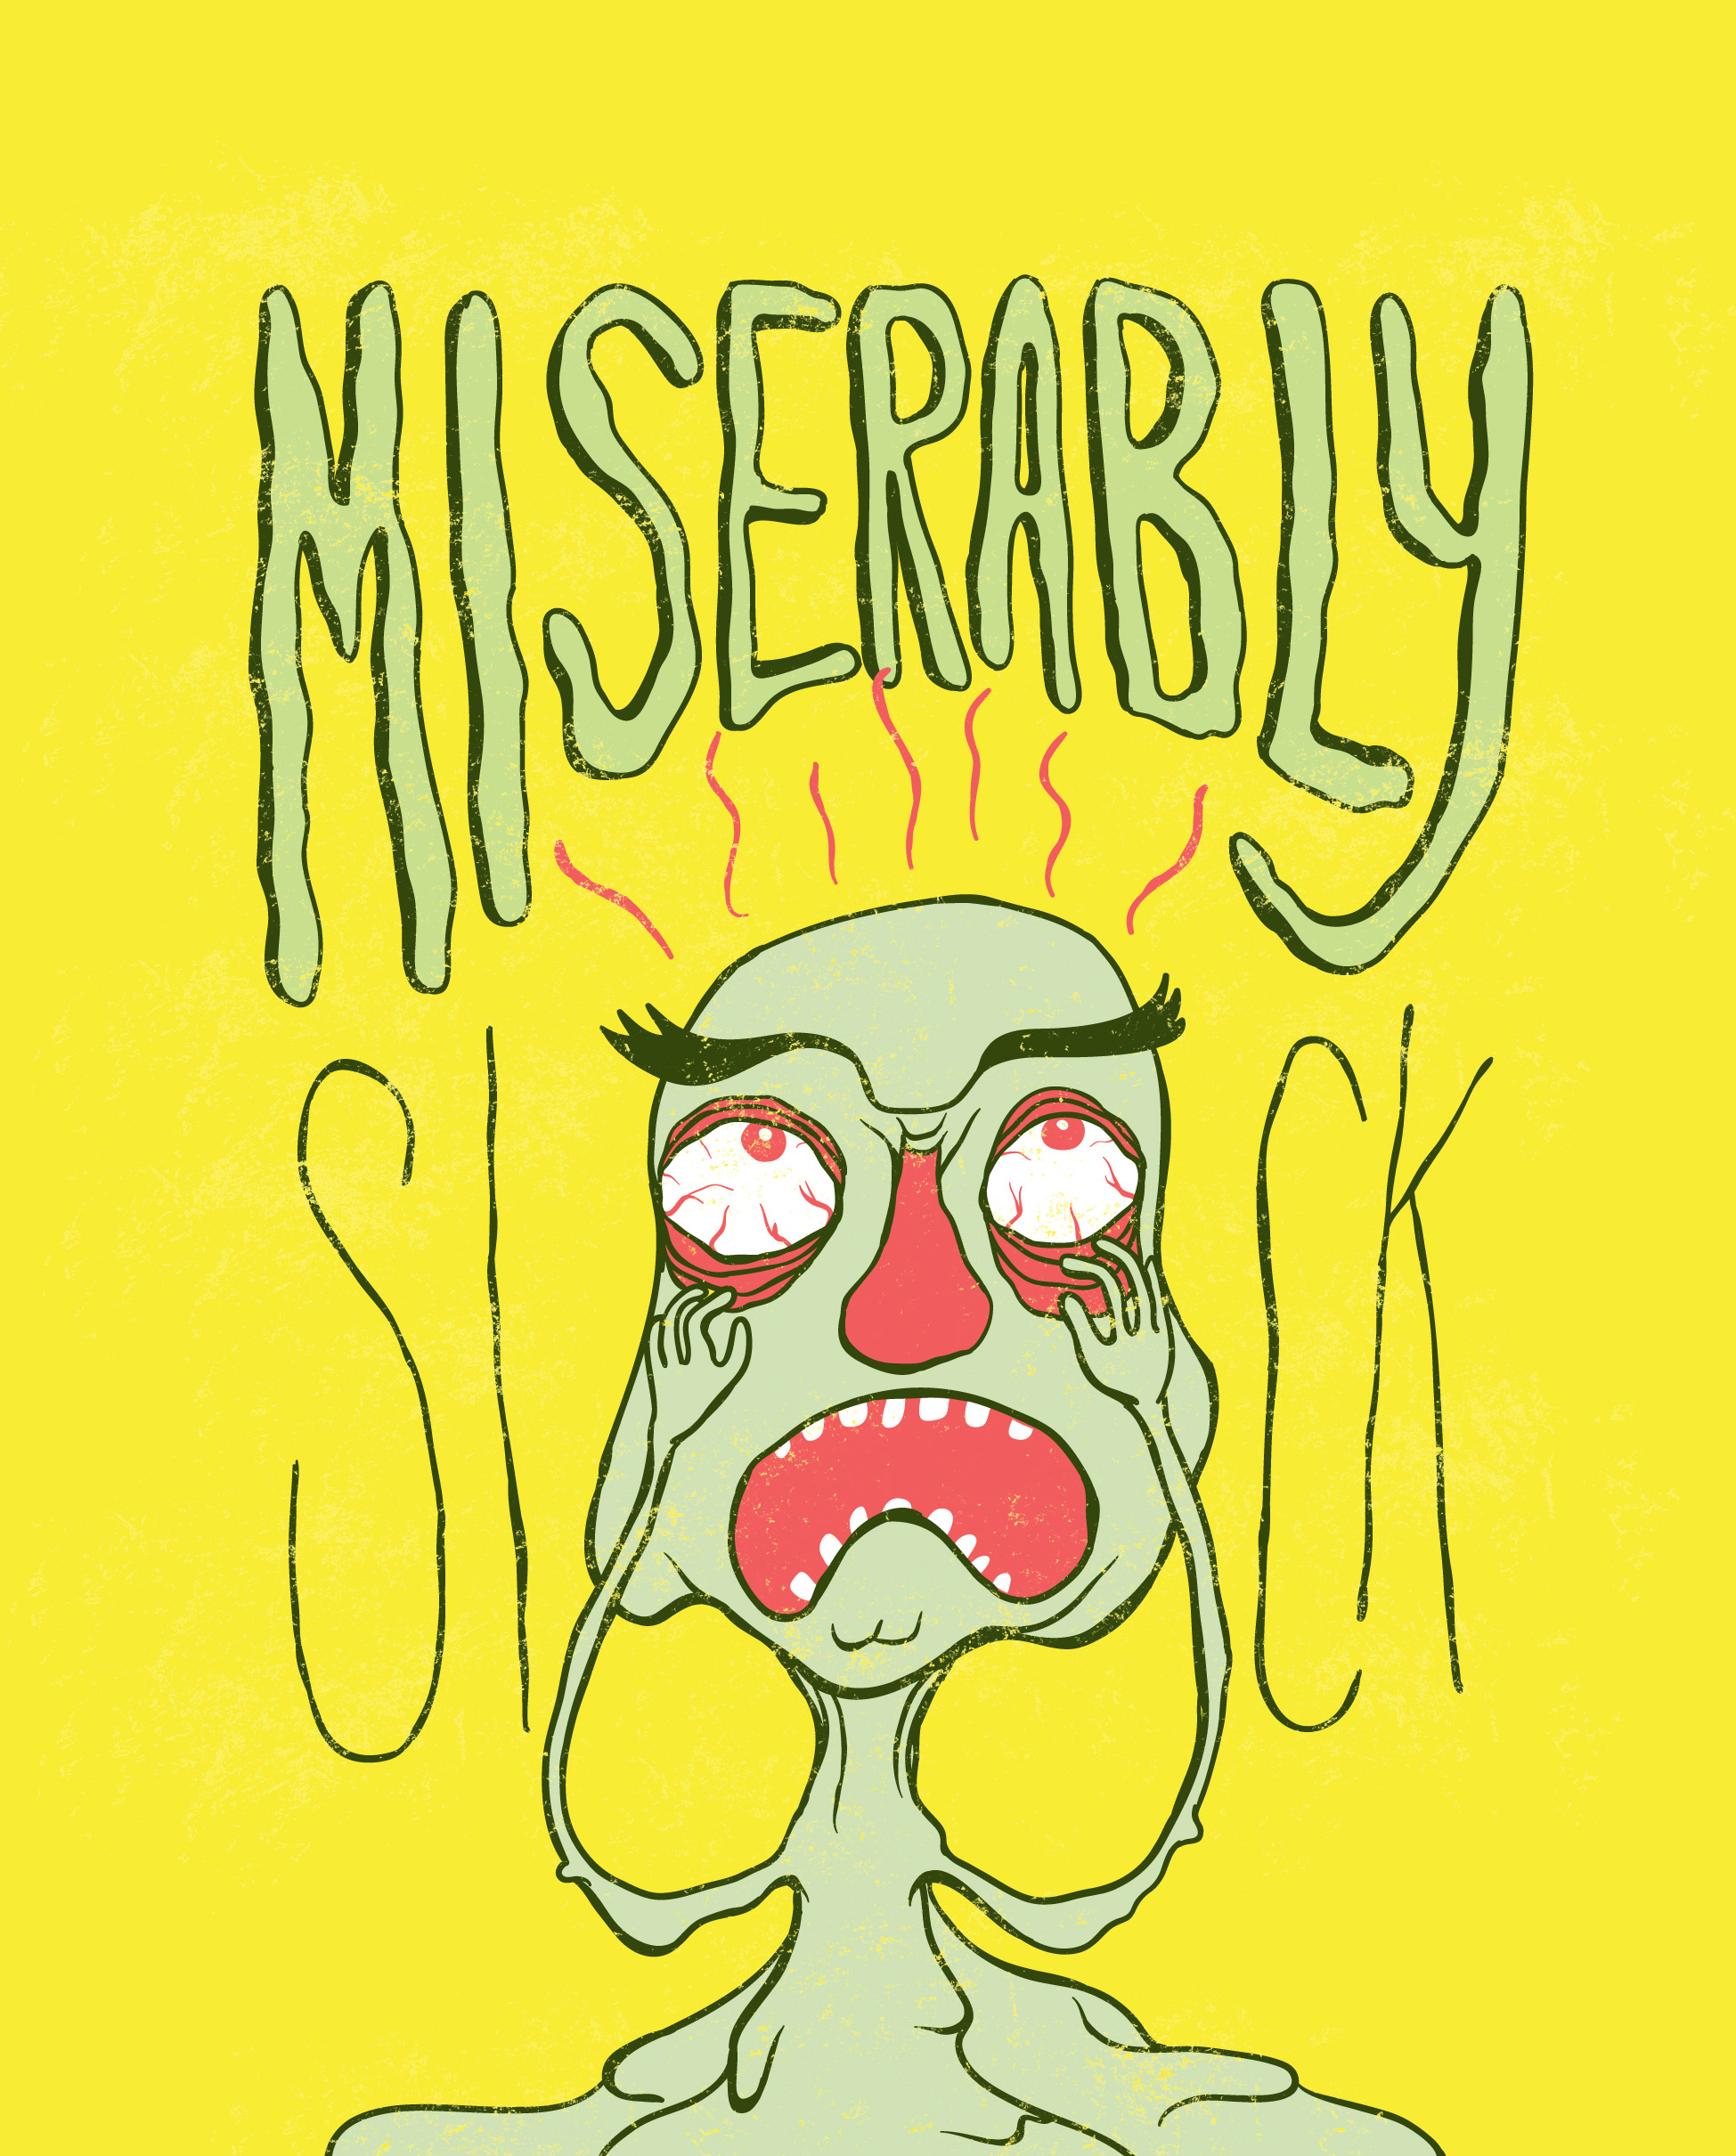 Miserably Sick